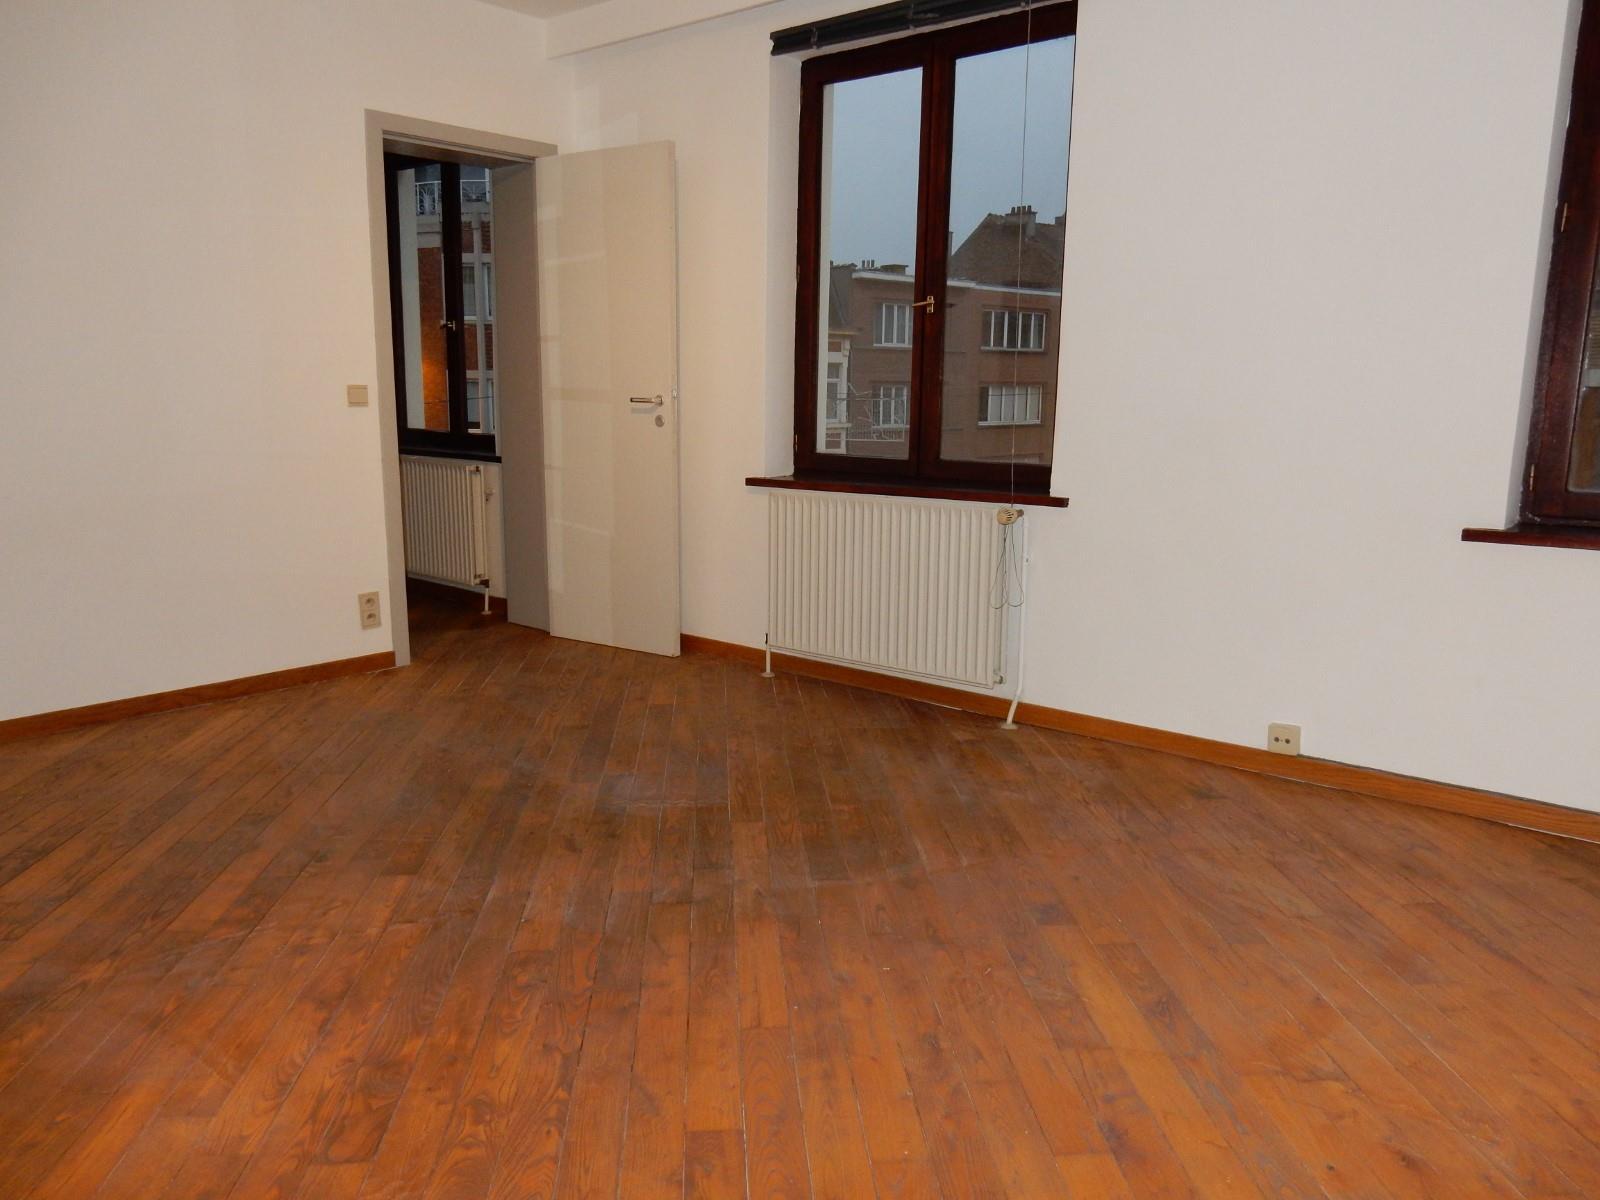 Flat - Ixelles - #2991979-6